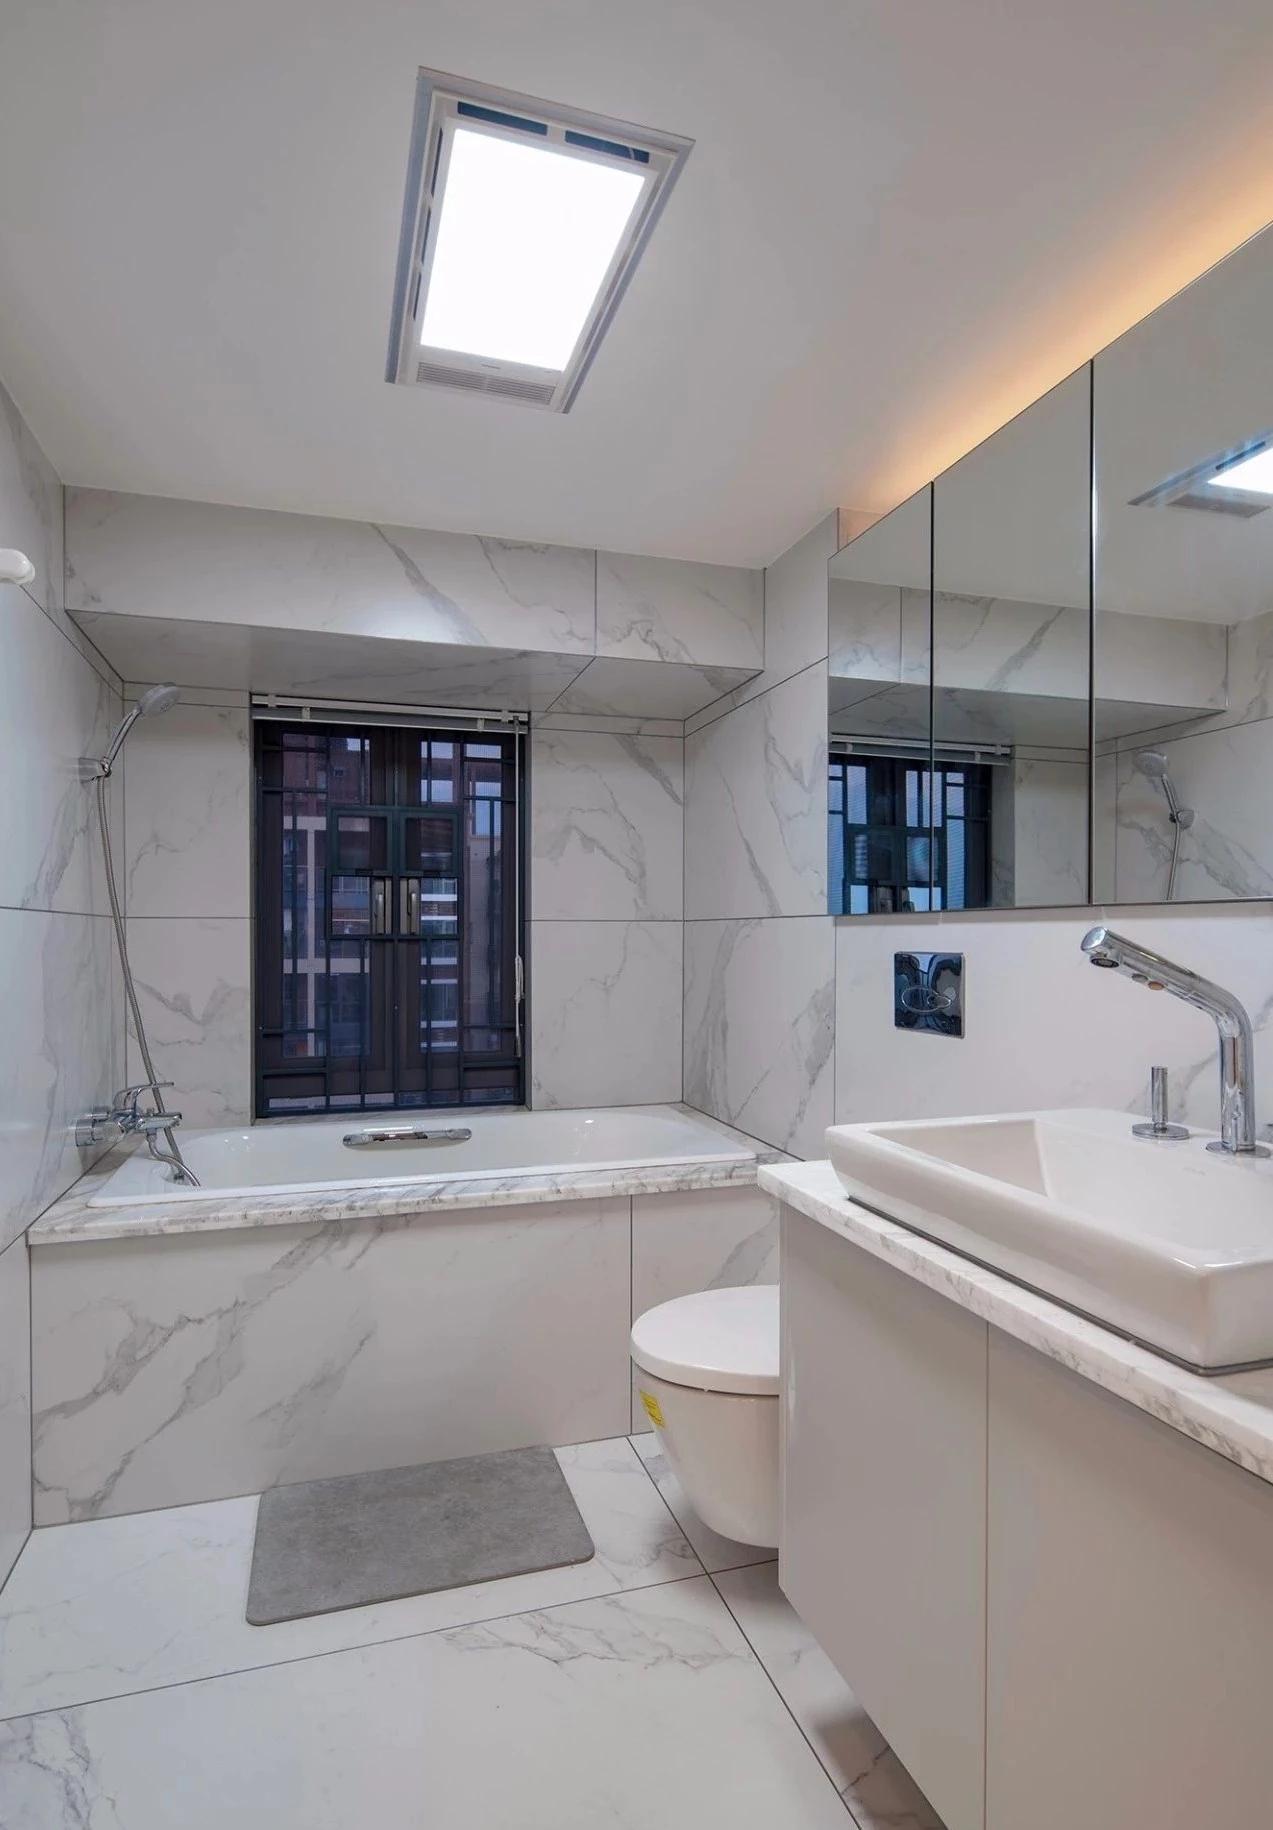 卫生间装修中排水设计有哪些注意事项?